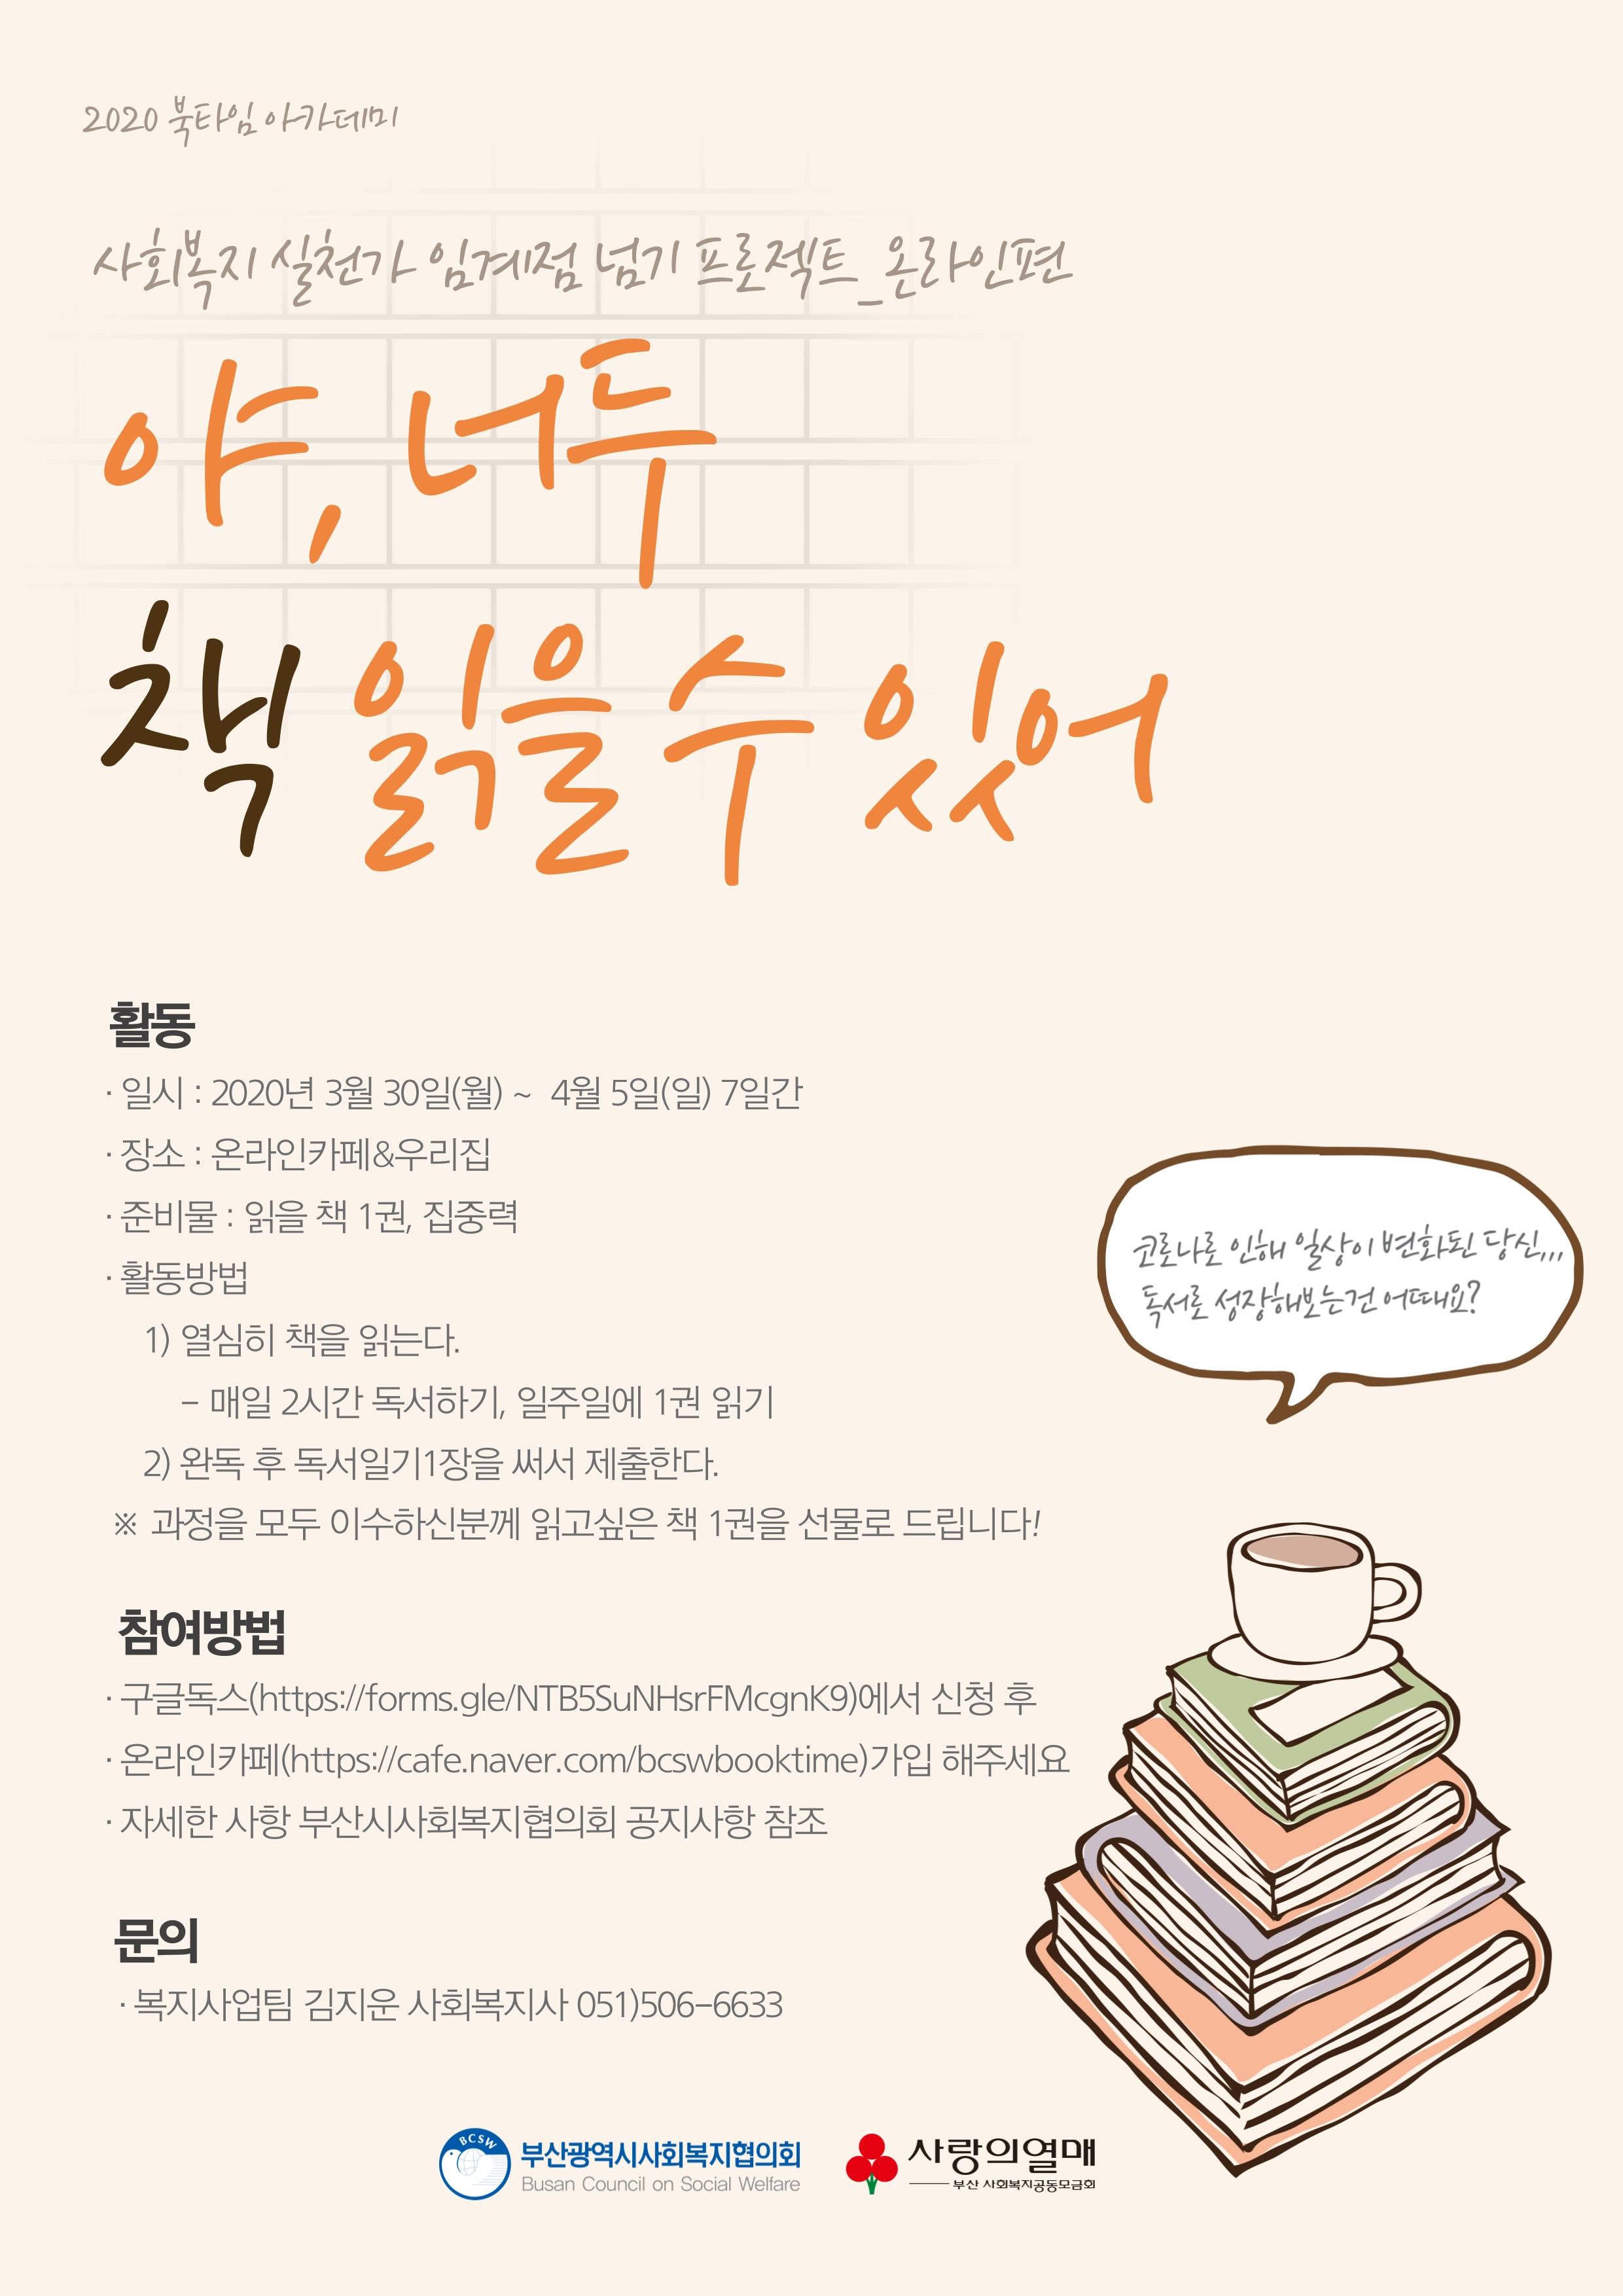 북타임_온라인-1.jpg